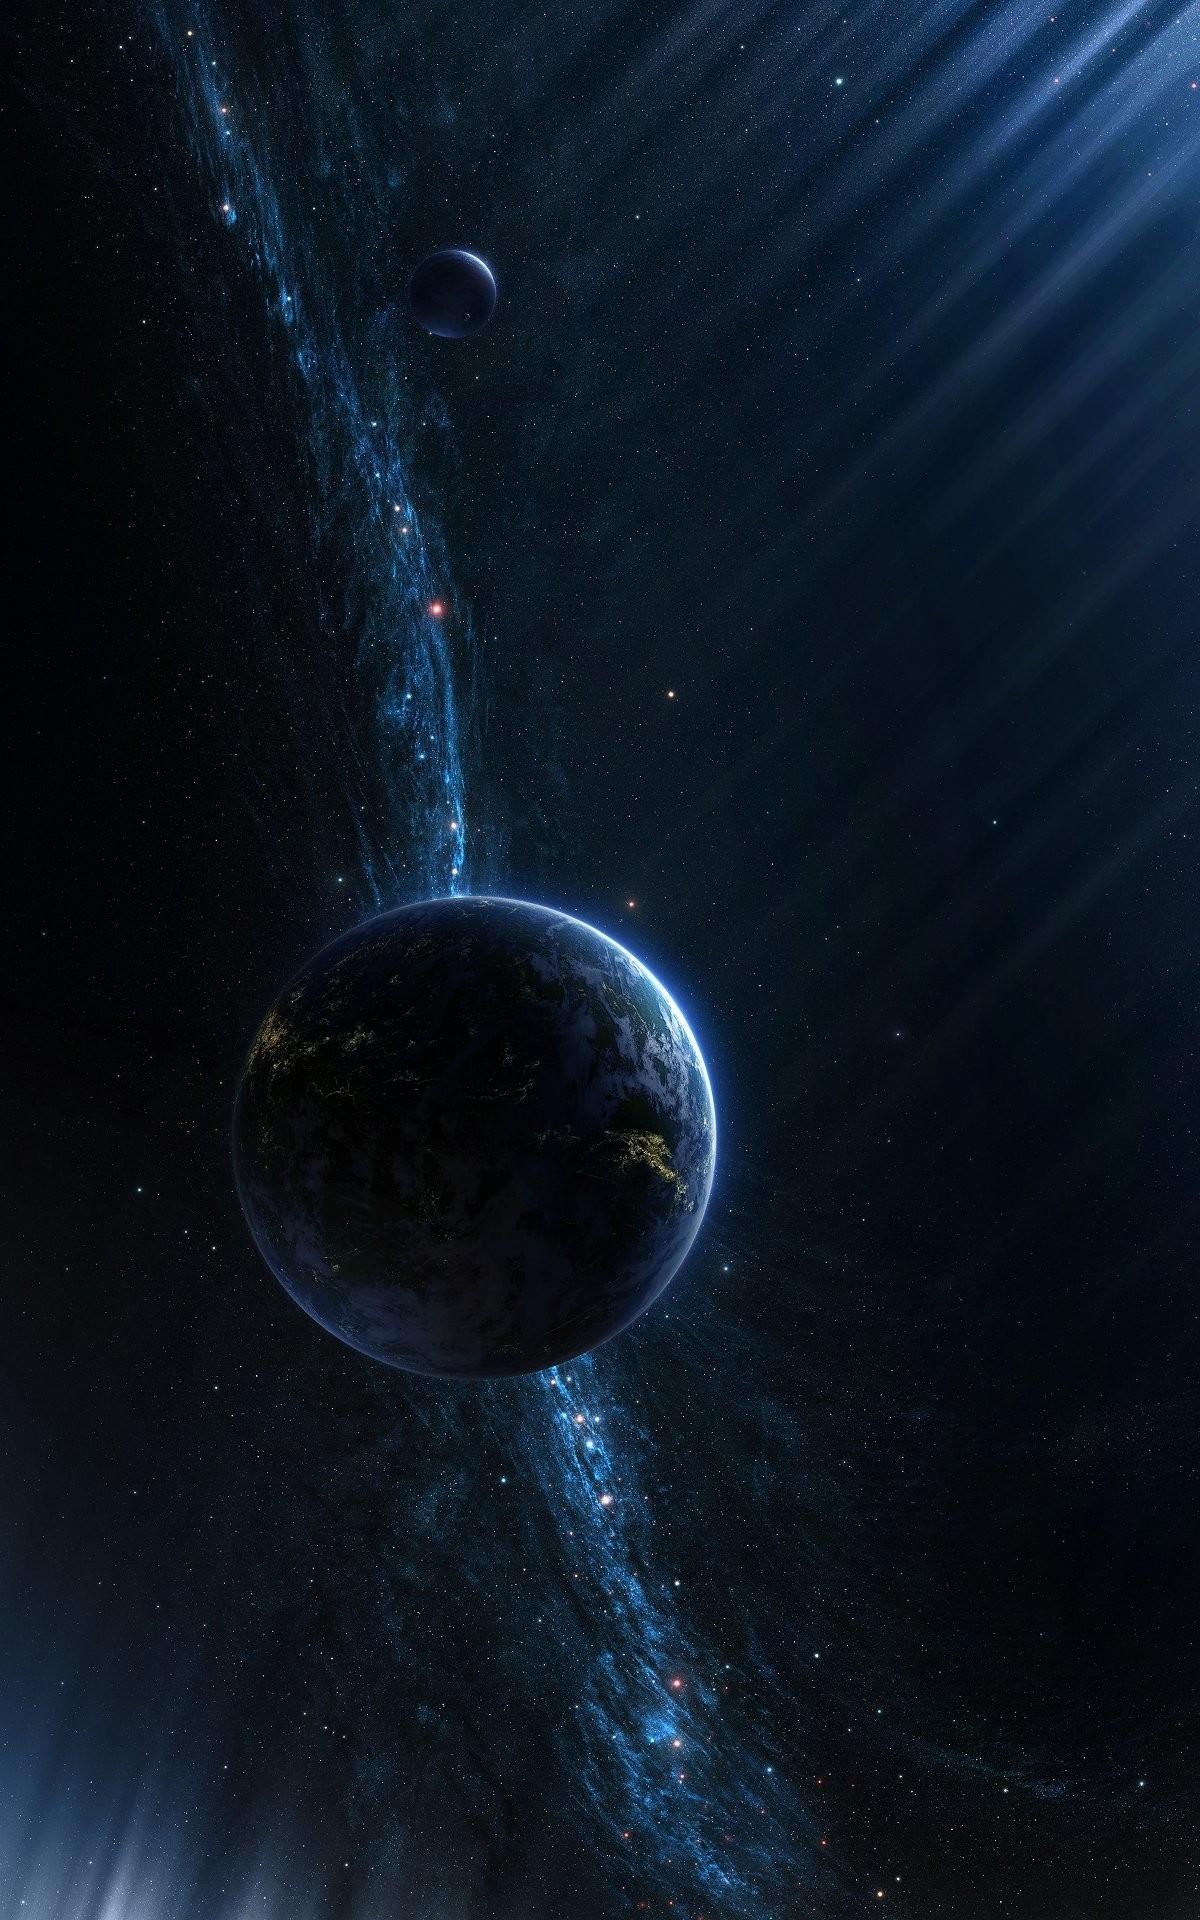 Sfondi Universo Stelle 83 Immagini